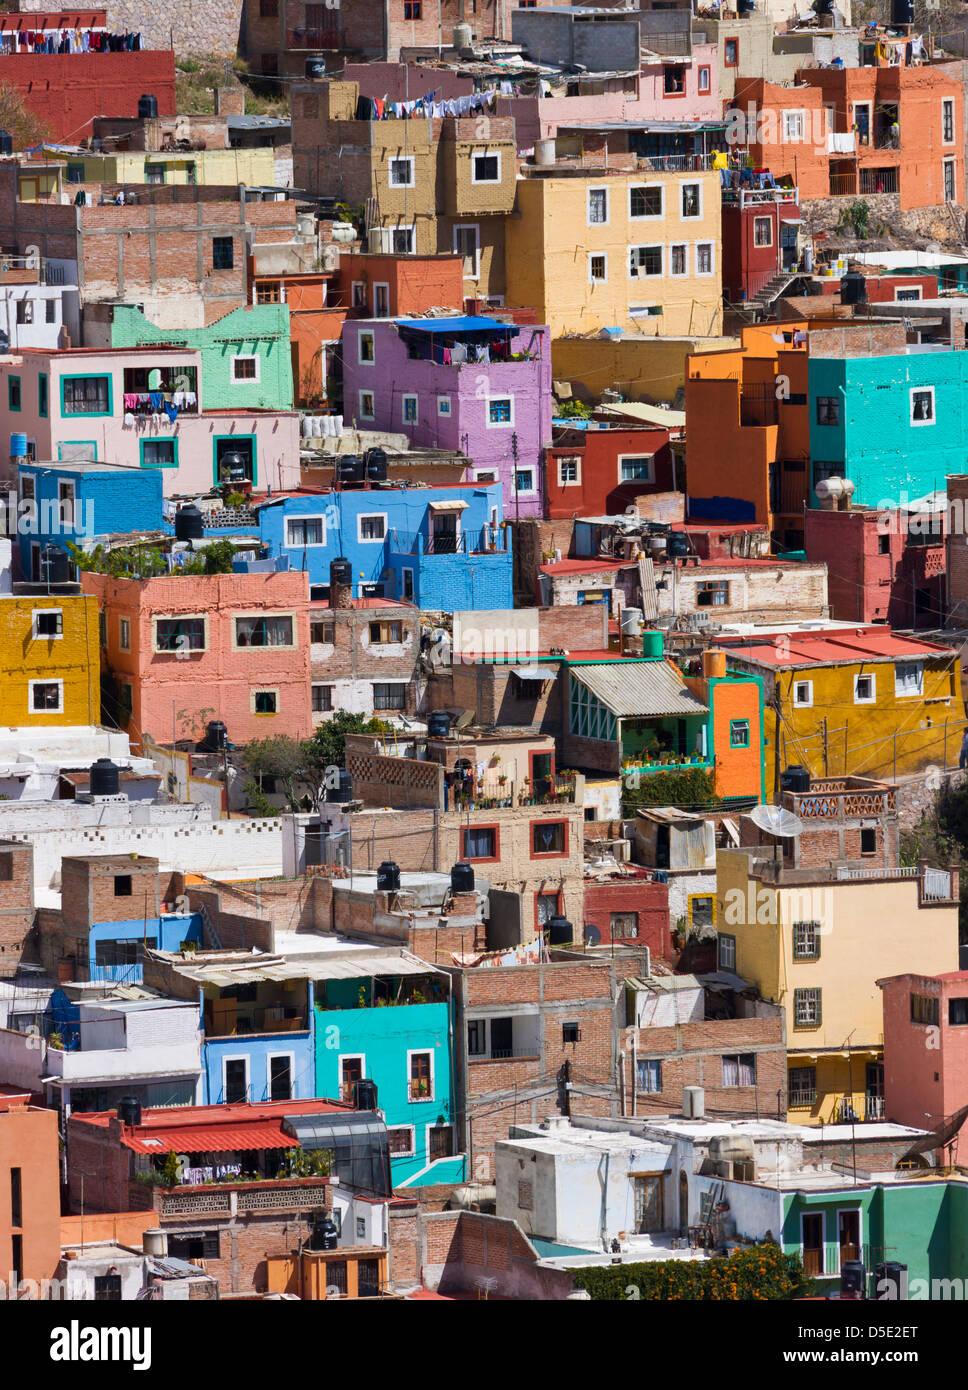 Vue aérienne de maisons colorées de Guanajuato, Mexique Photo Stock